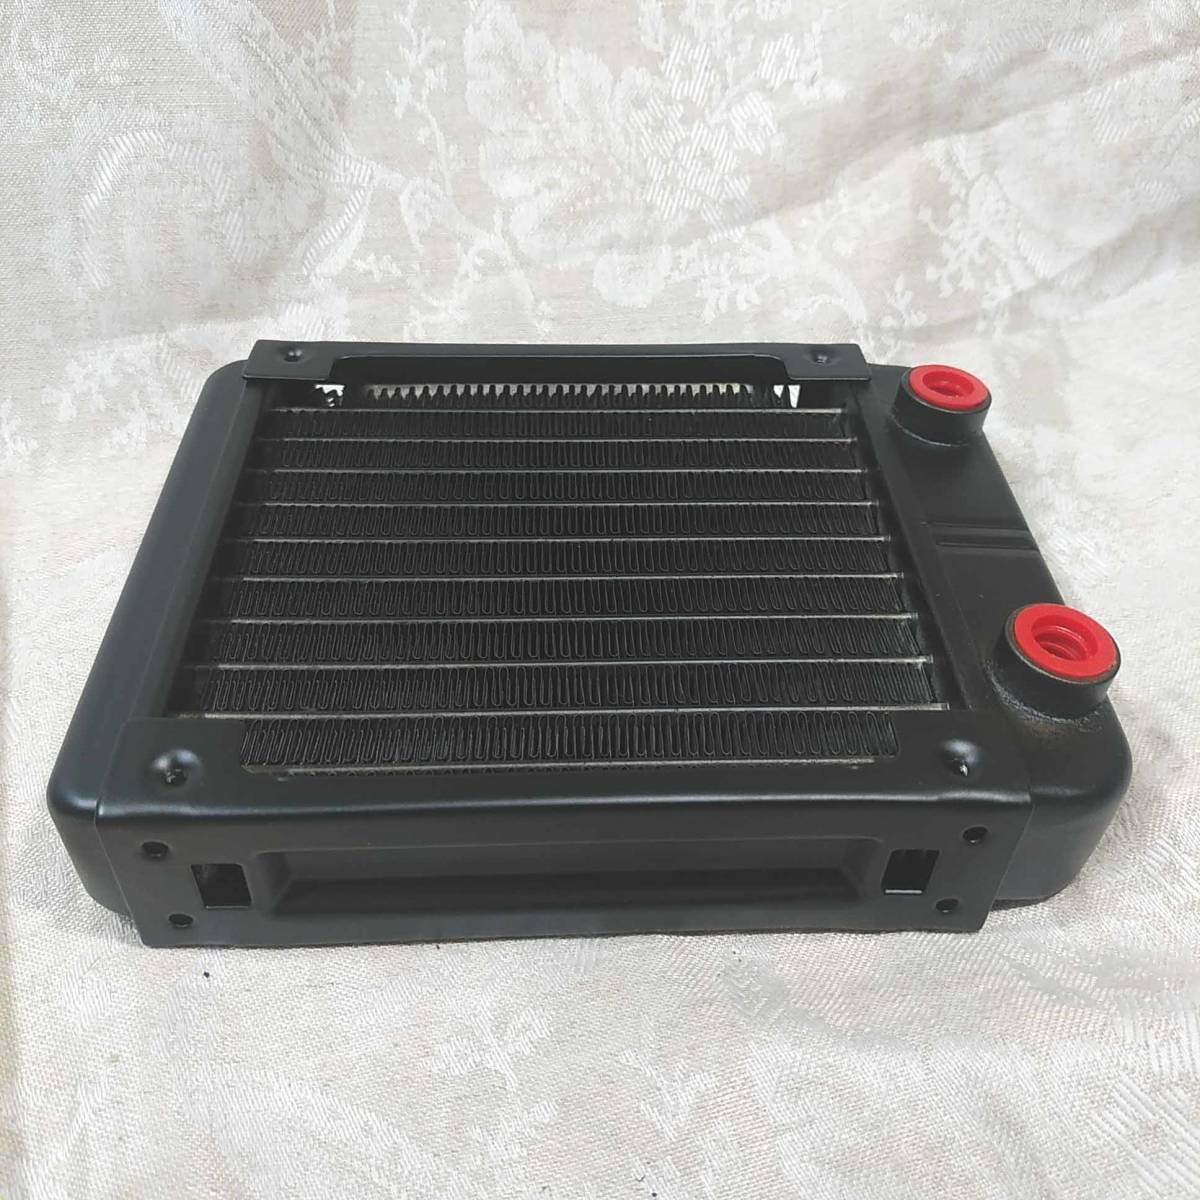 新品 水冷PC用ラジエーター 120mmヒートシンク 配管10本 _画像8